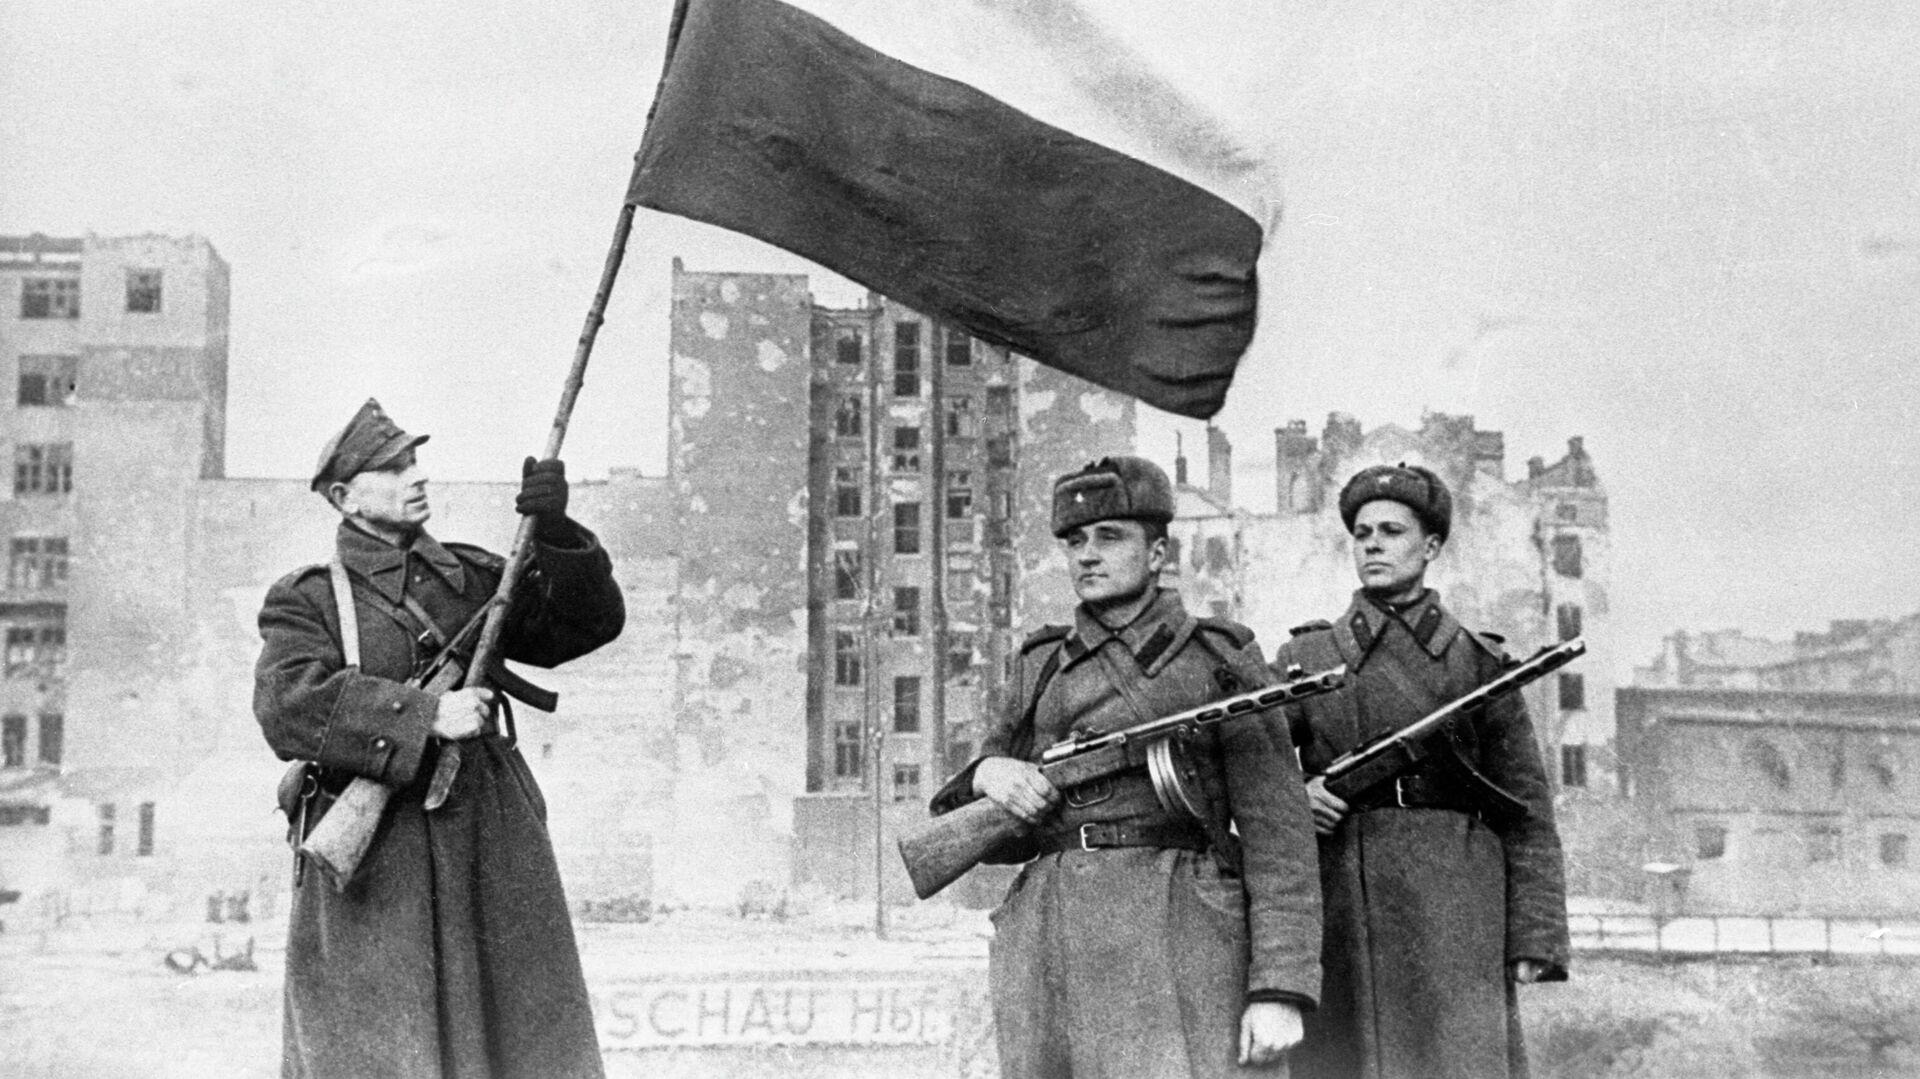 Освобождение Польши от немецко-фашистских захватчиков. Варшавско-Познанская наступательная операция частей Красной Армии и Войска Польского .14—17 января 1945 г - РИА Новости, 1920, 07.05.2021